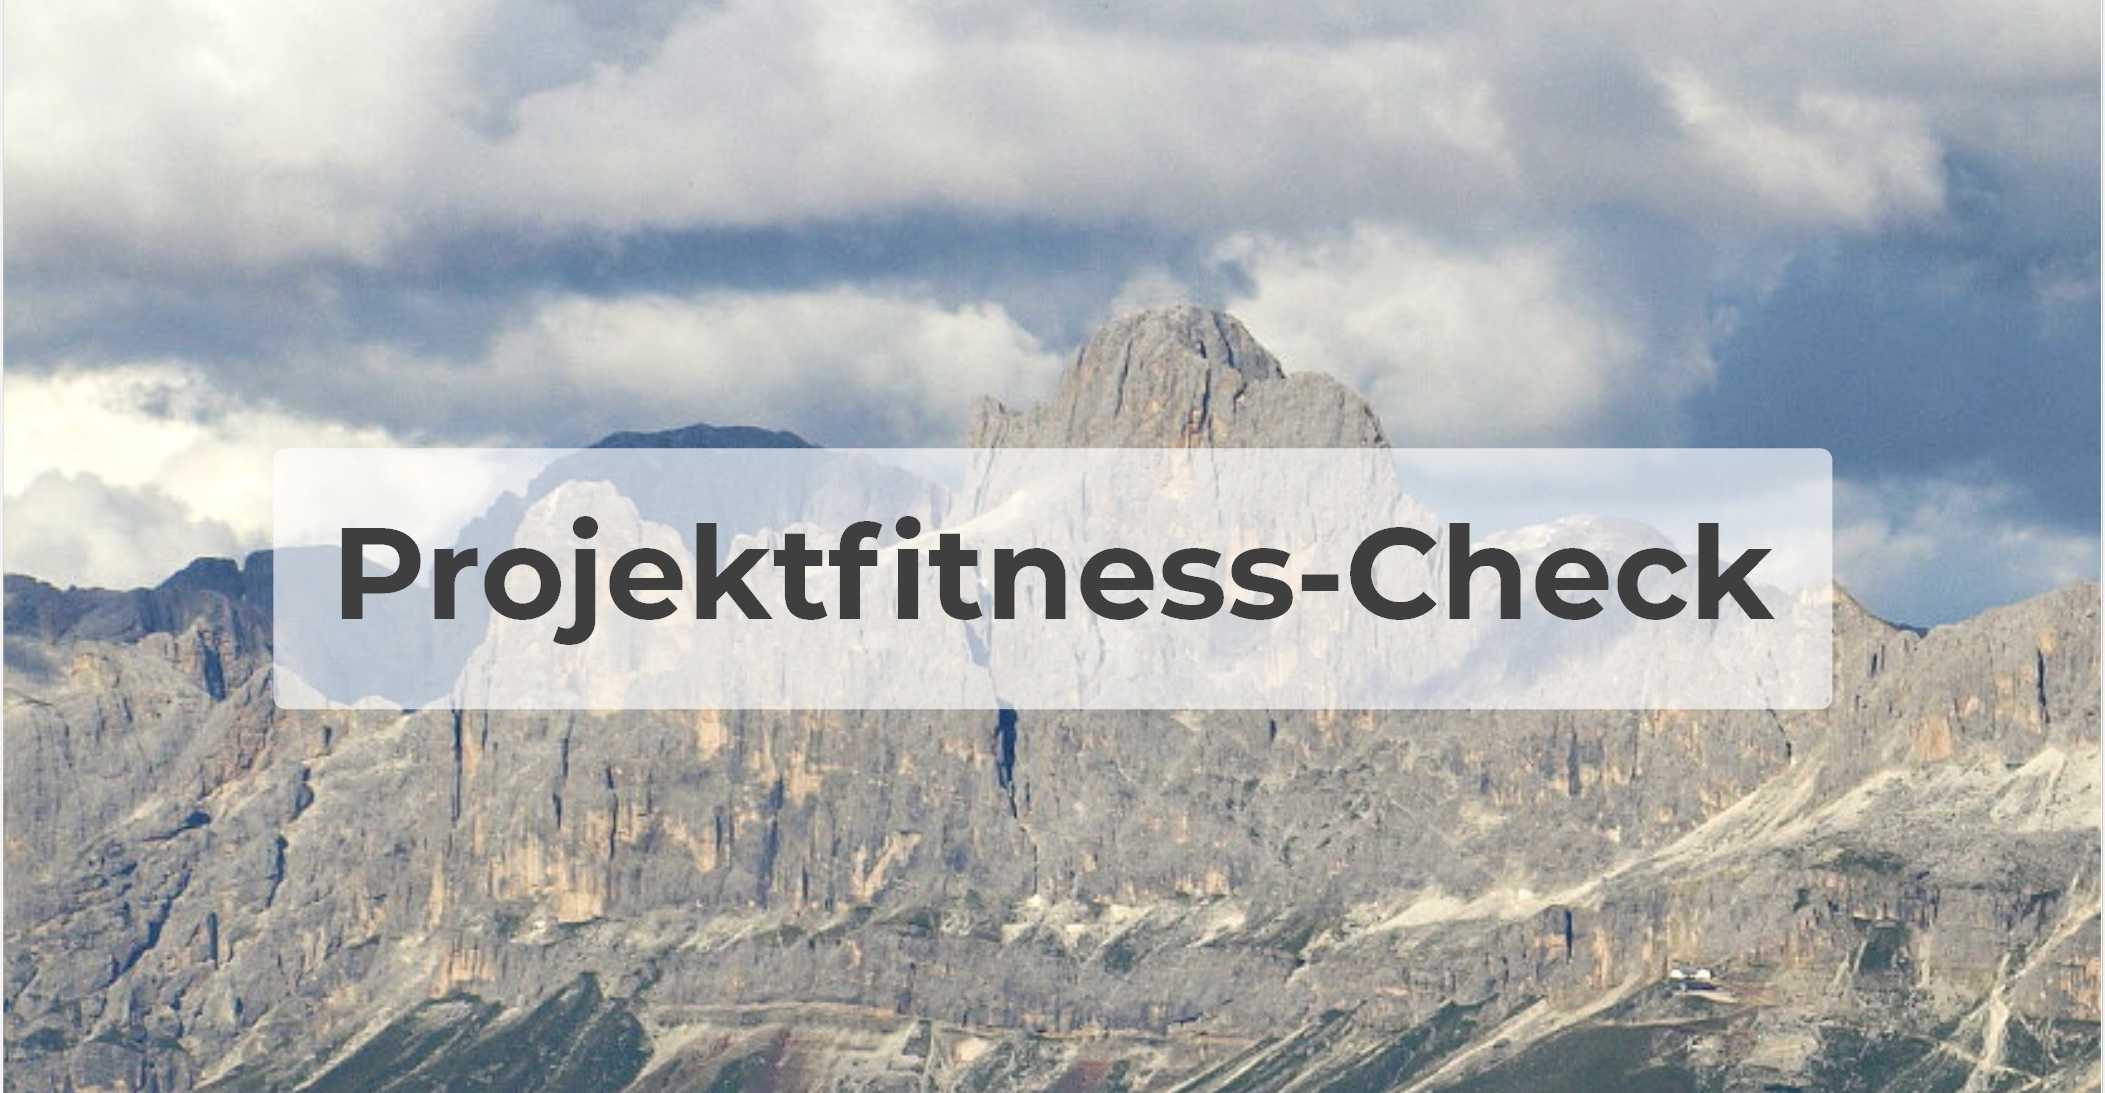 Projektfitness-Check: Sind Sie fit für die Herausforderung?